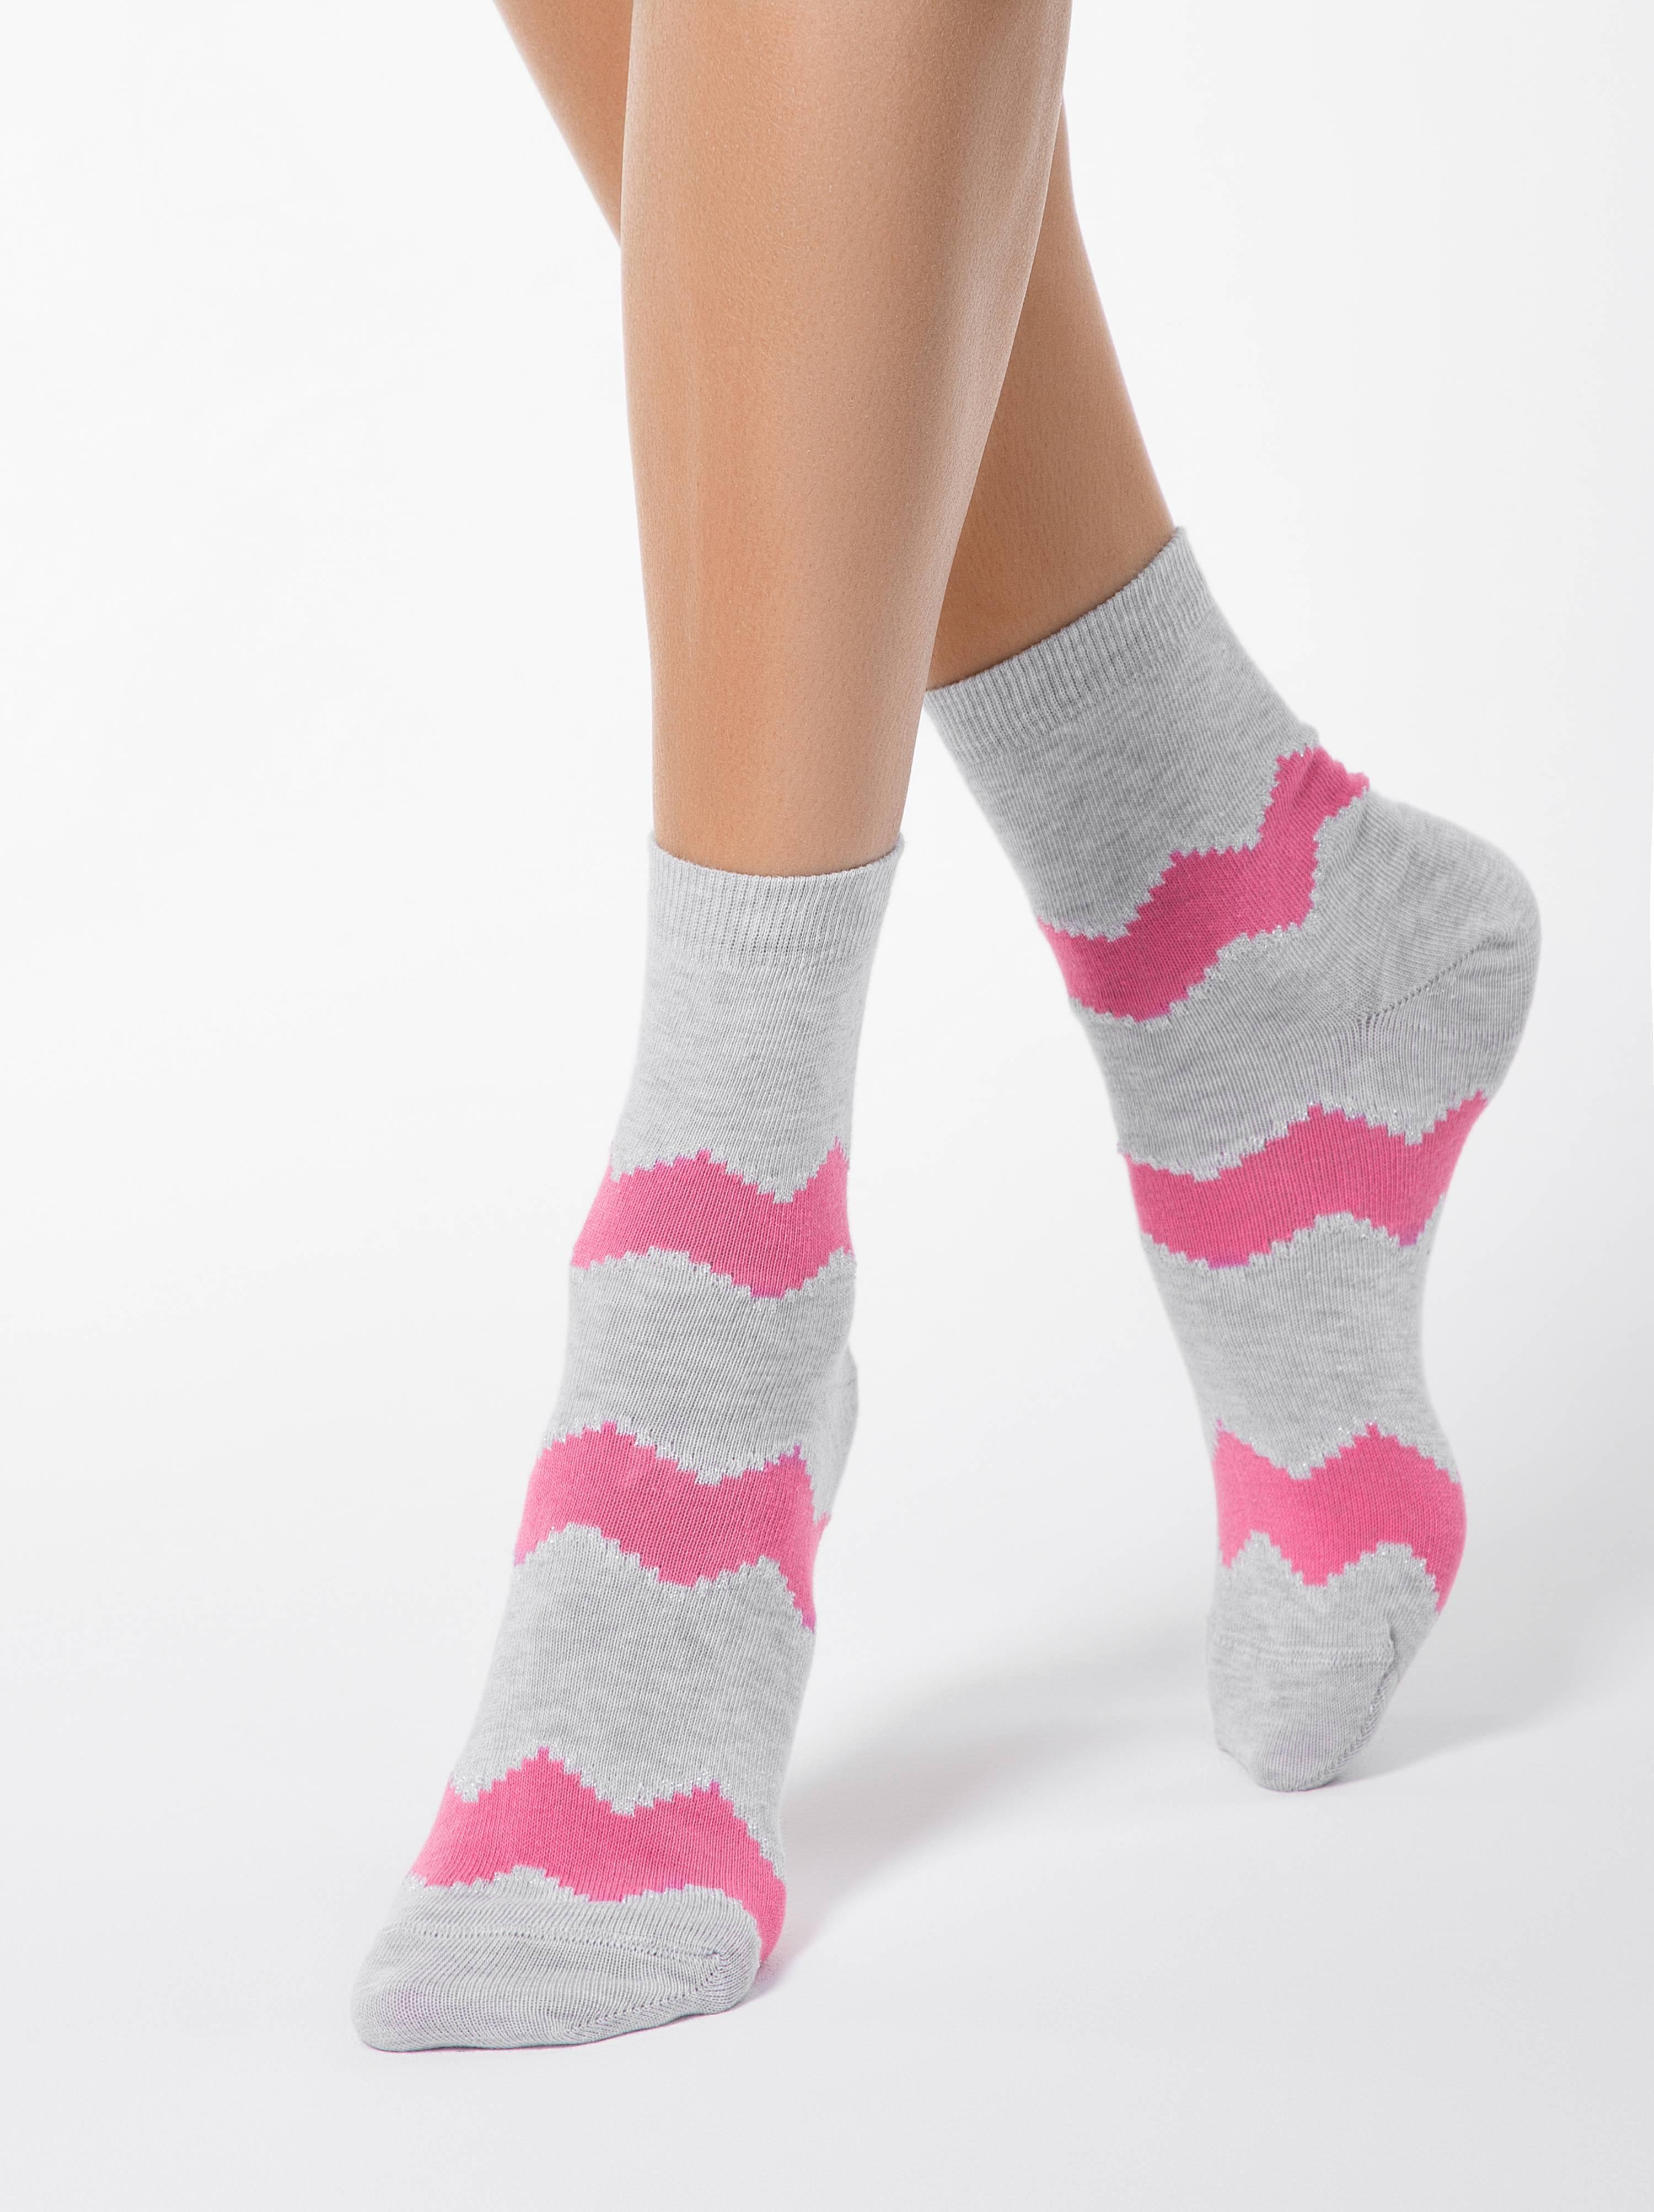 Носки хлопковые женские ⭐️ Хлопковые носки с люрексом CLASSIC ⭐️